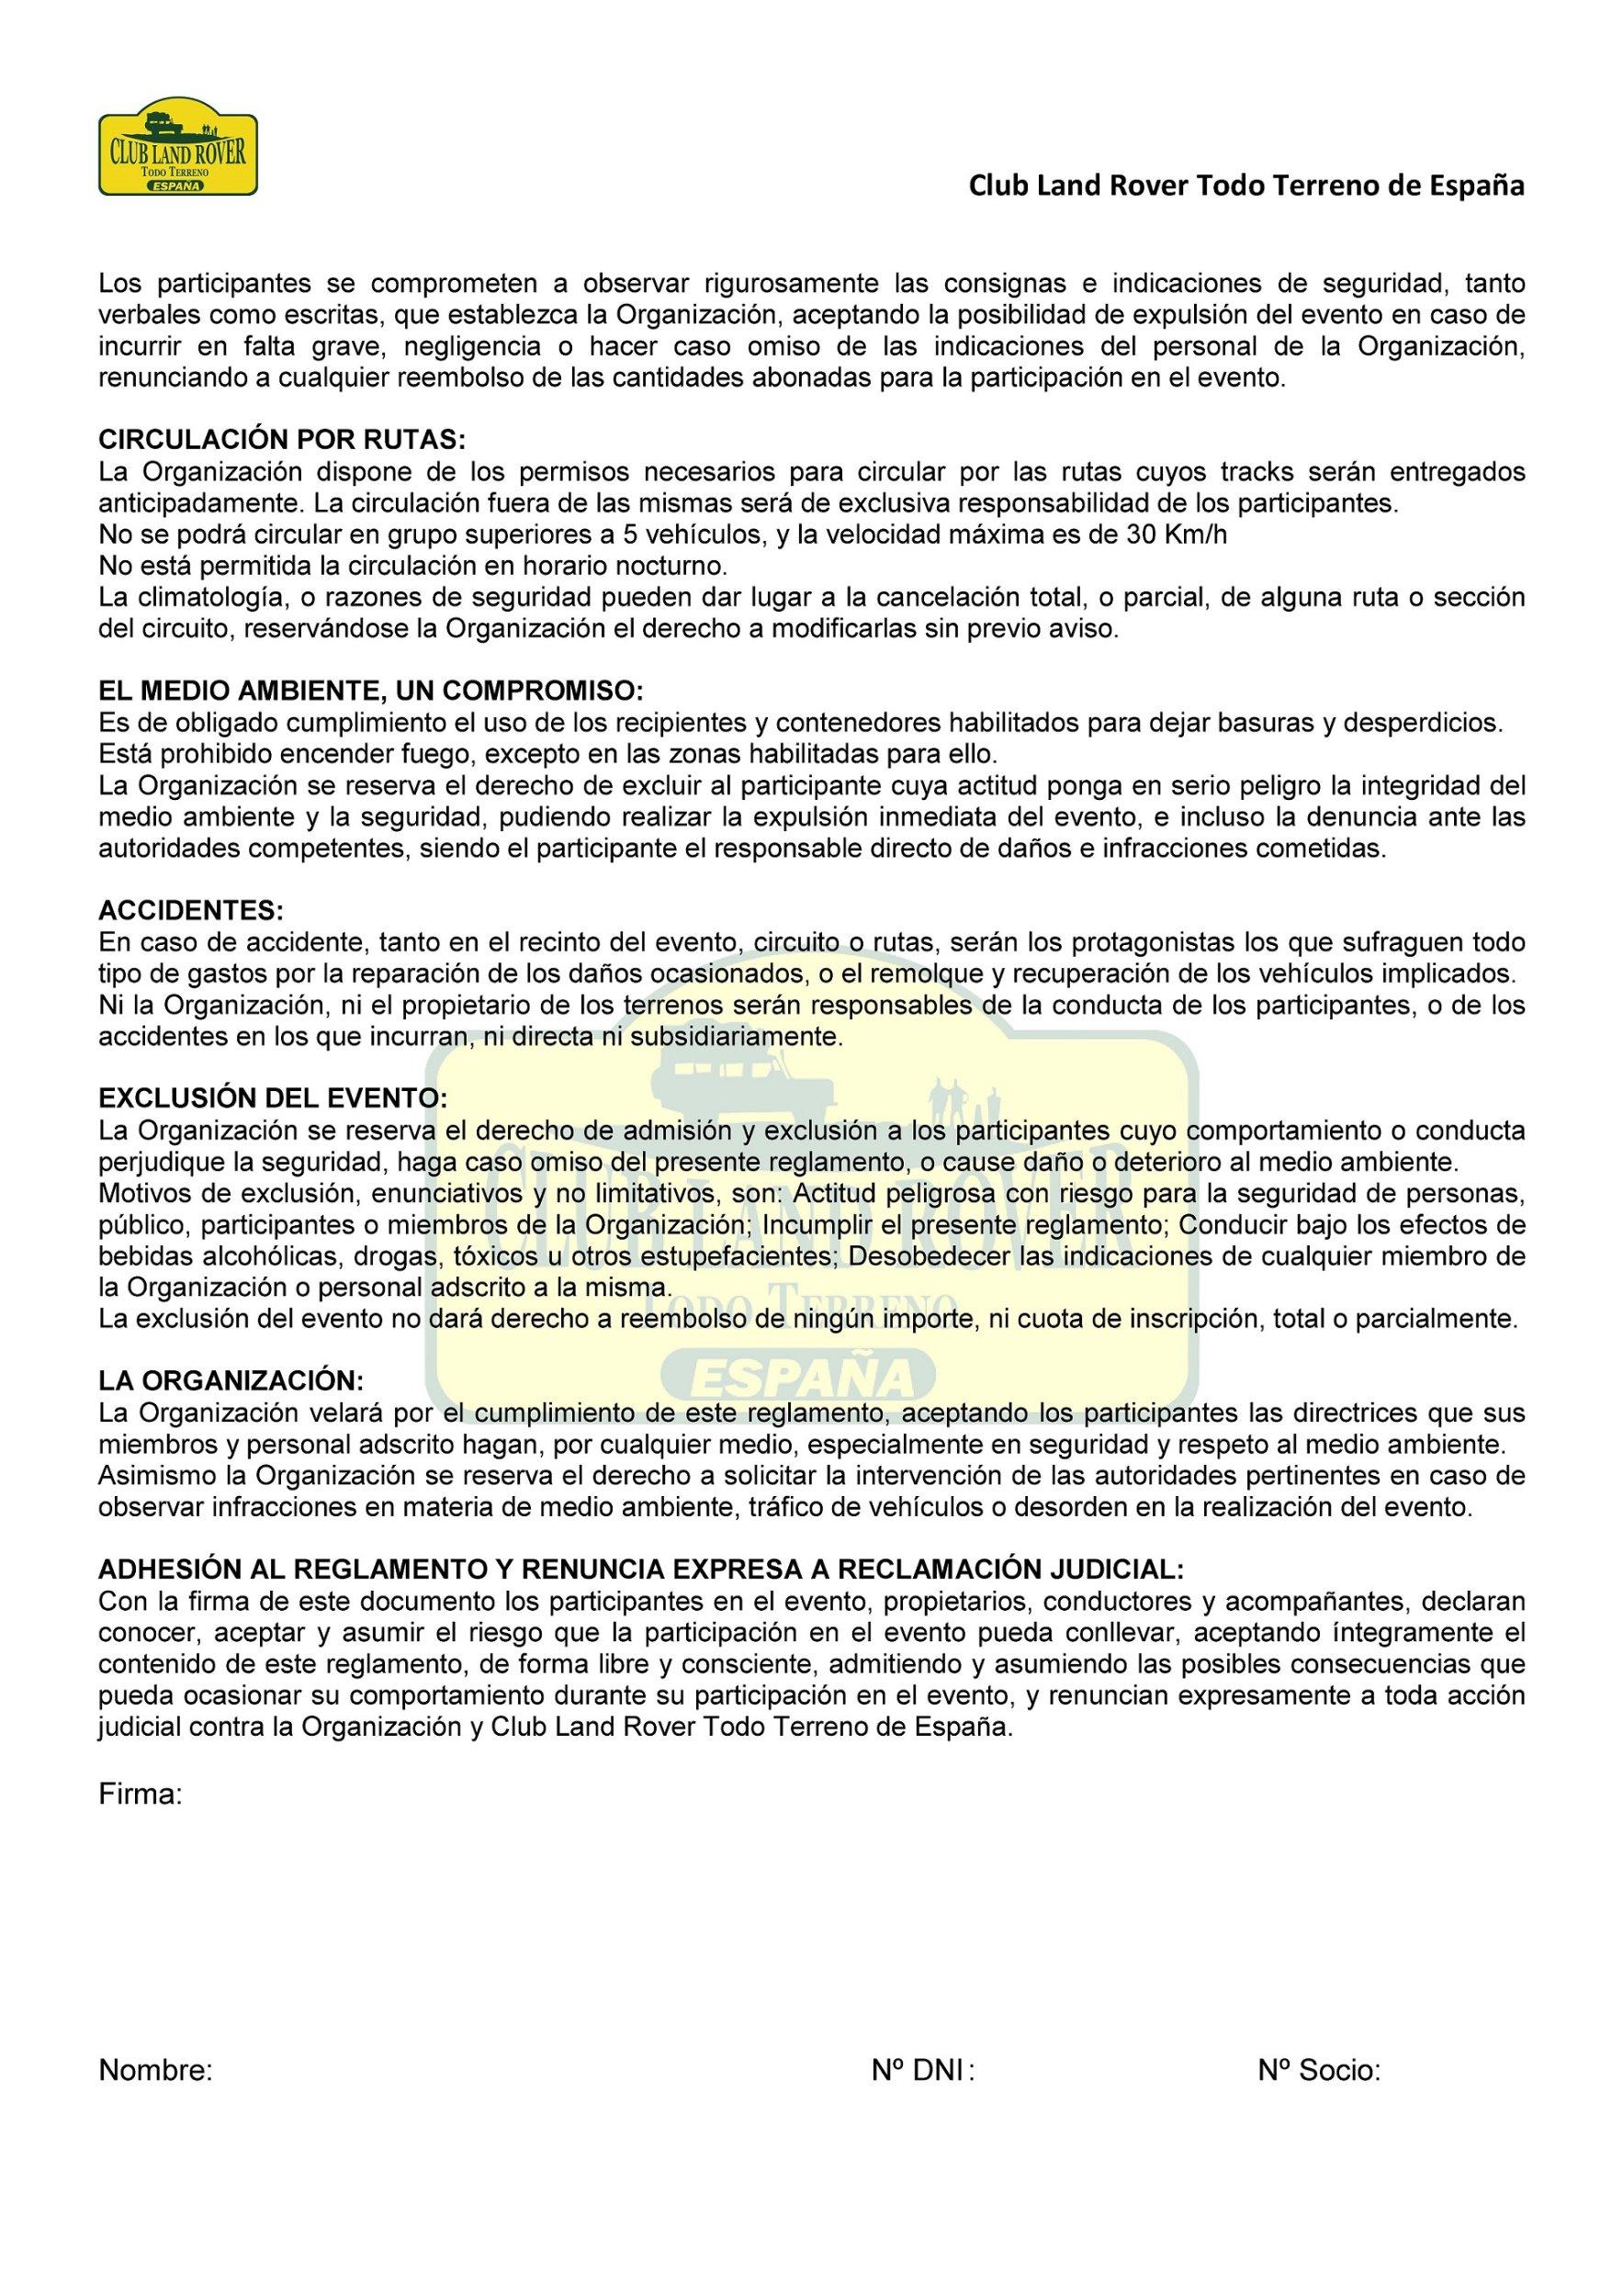 Reglamentoencuentro_Pgina_2.jpg